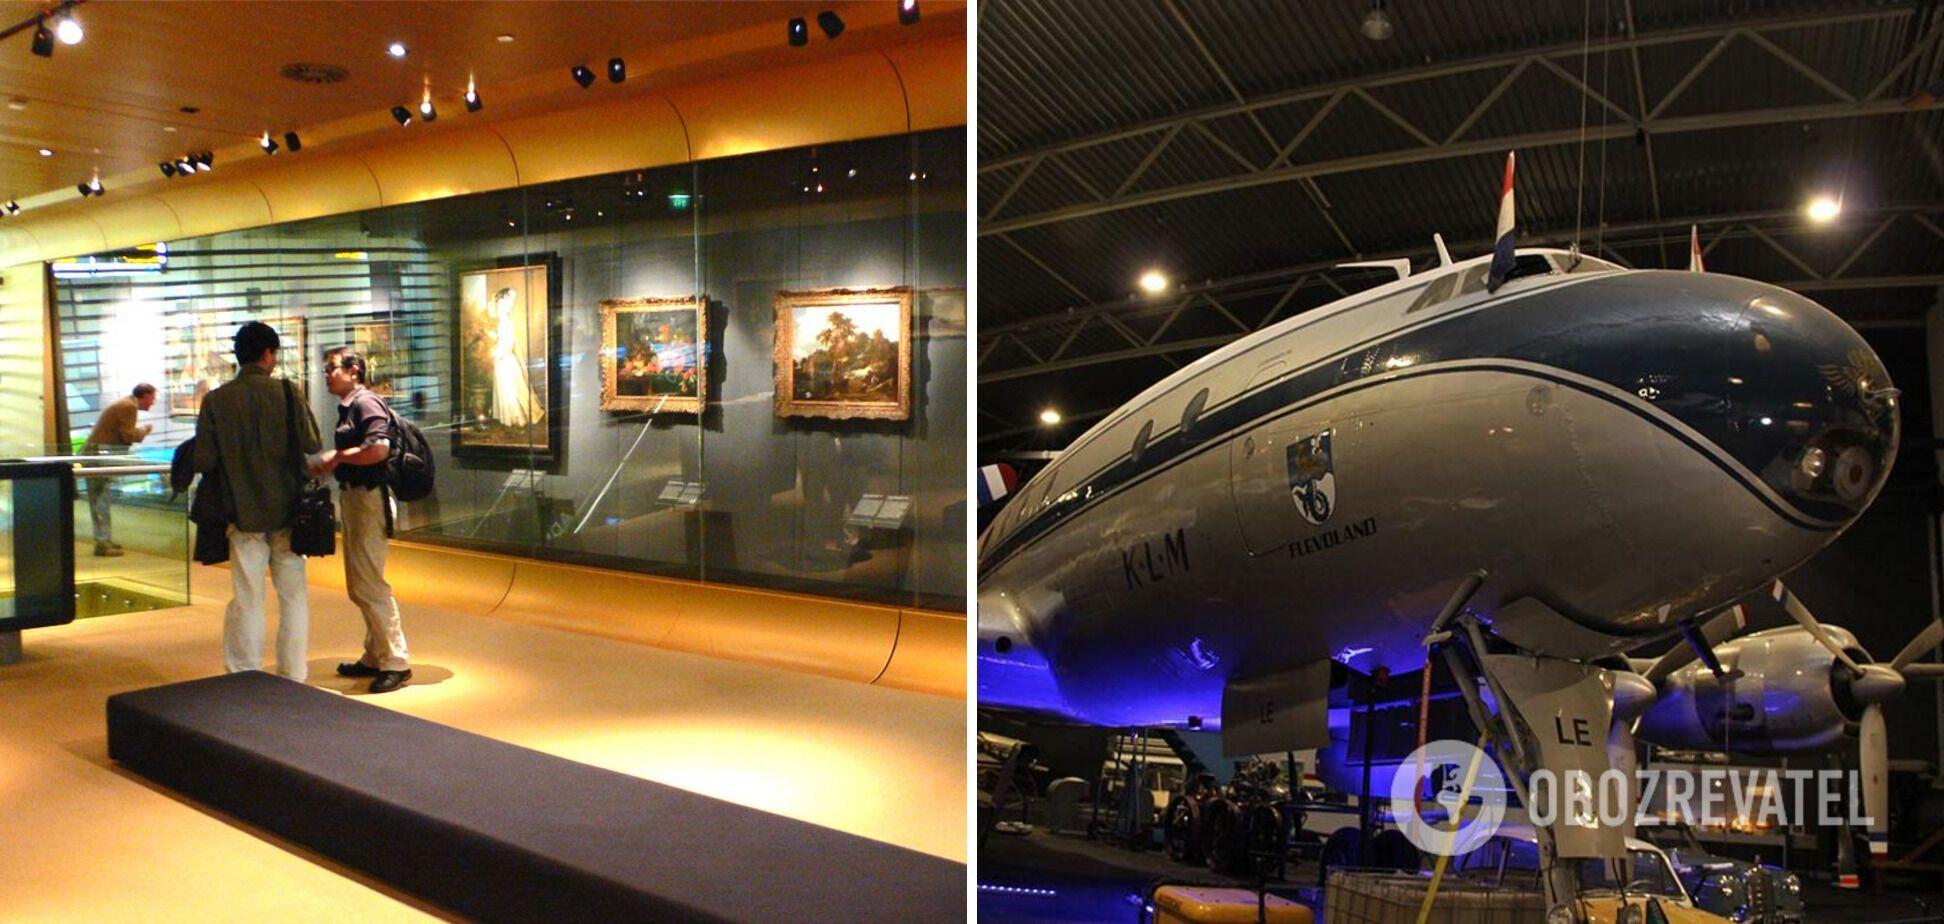 В аэропорту Амстердама есть арт-галерея и музей авиации.